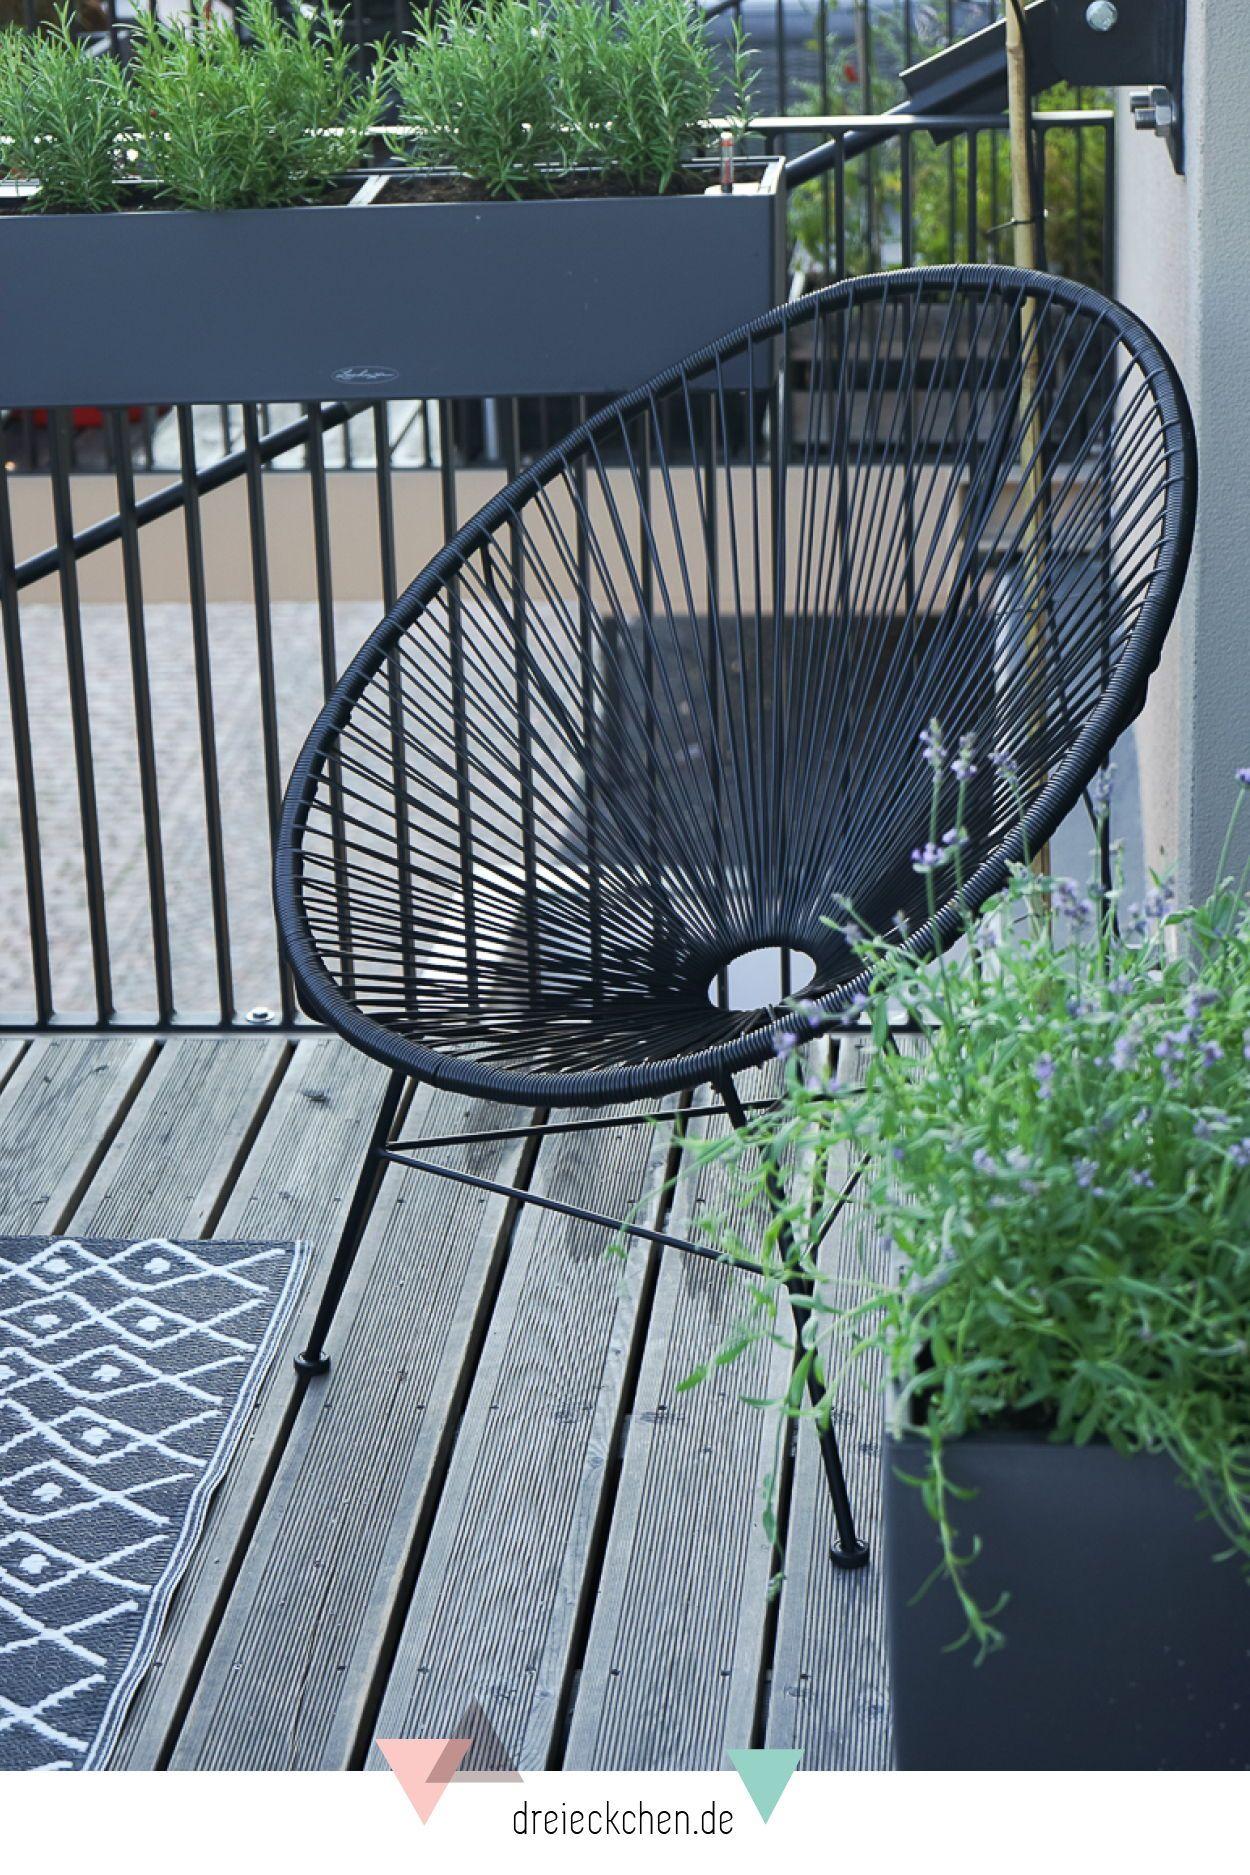 Balkonkasten Mit Selbstbewasserung Wie Deine Pflanzen Den Nachsten Urlaub Uberleben Werbung Balkon Pflanzen Balkon Deko Balkon